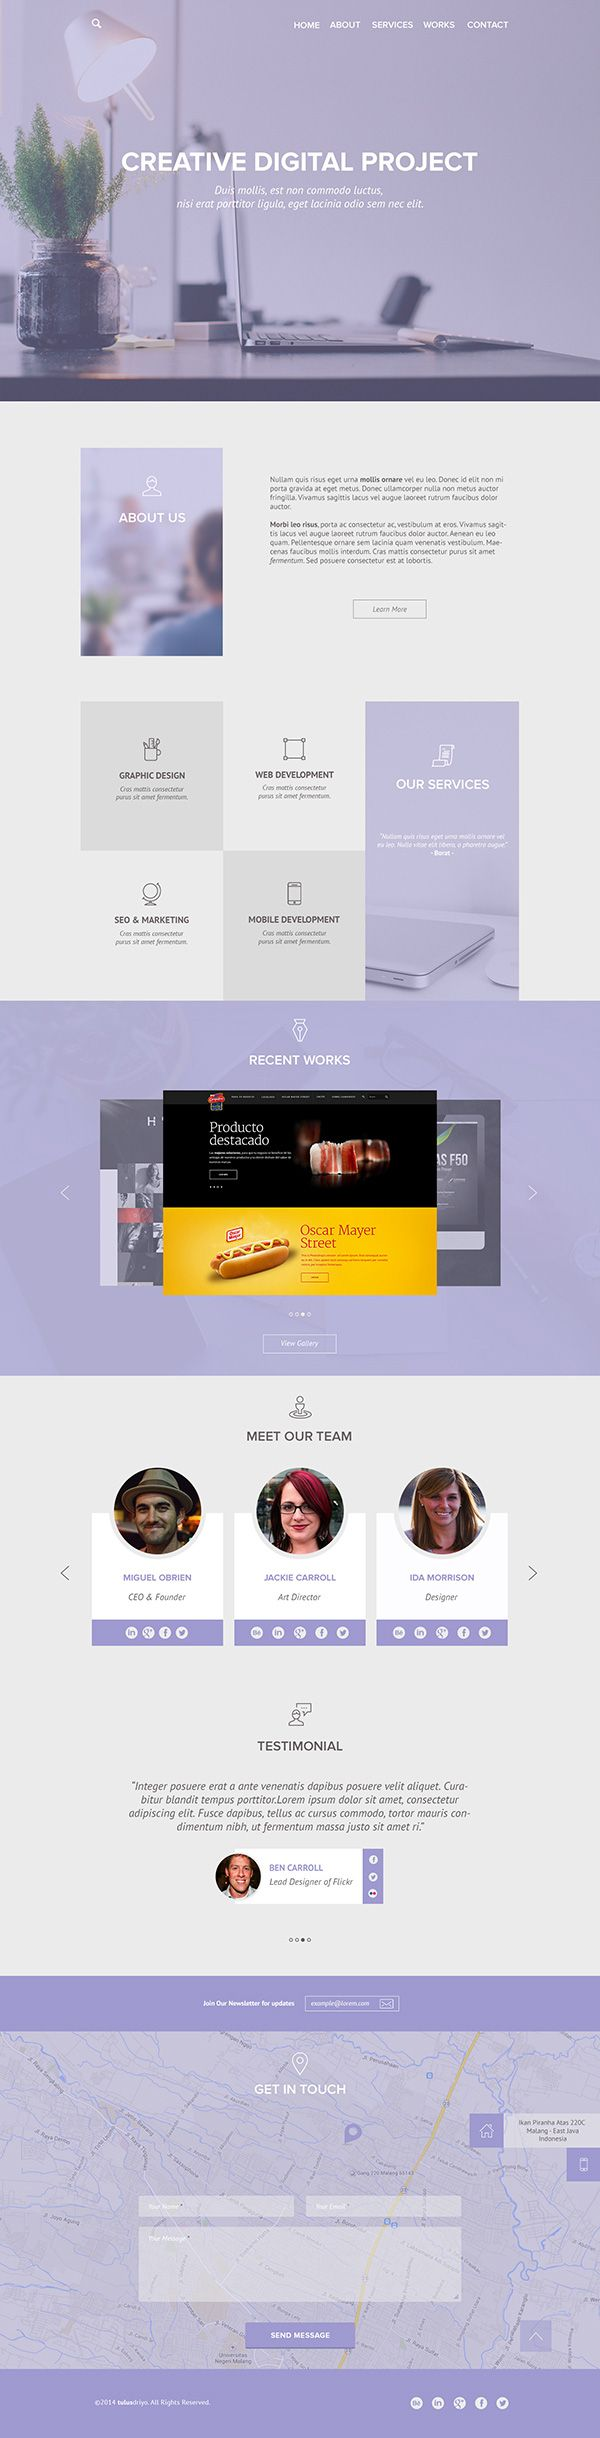 31 best Web Design Inspirations images on Pinterest | Web design ...